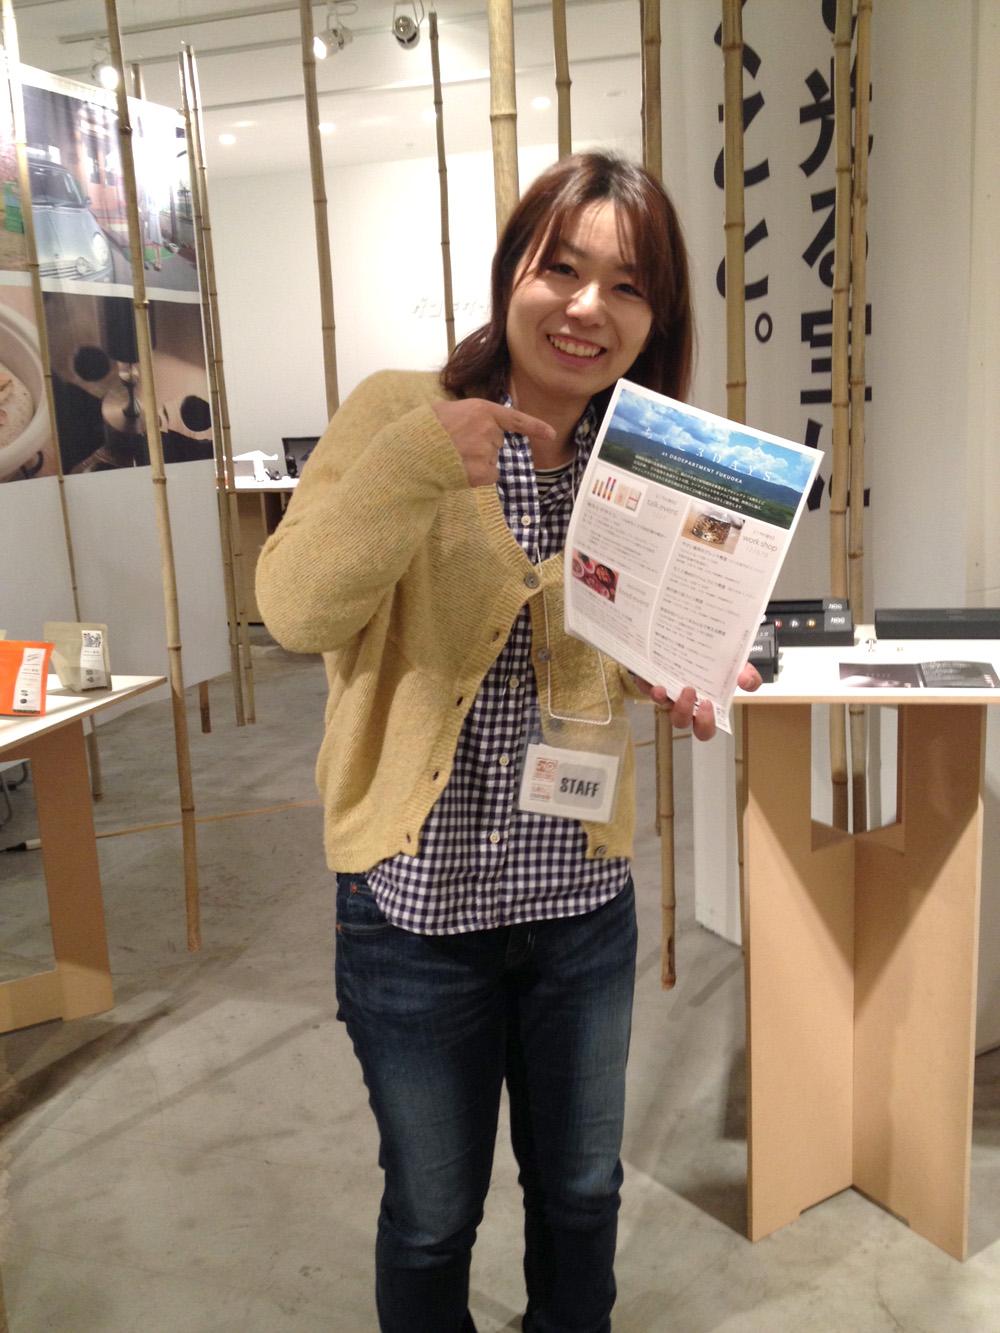 ちくご元気計画のスタッフ原田さん。ゲンキケイカク365にお邪魔した際にイベントのご案内をしてくださいました!